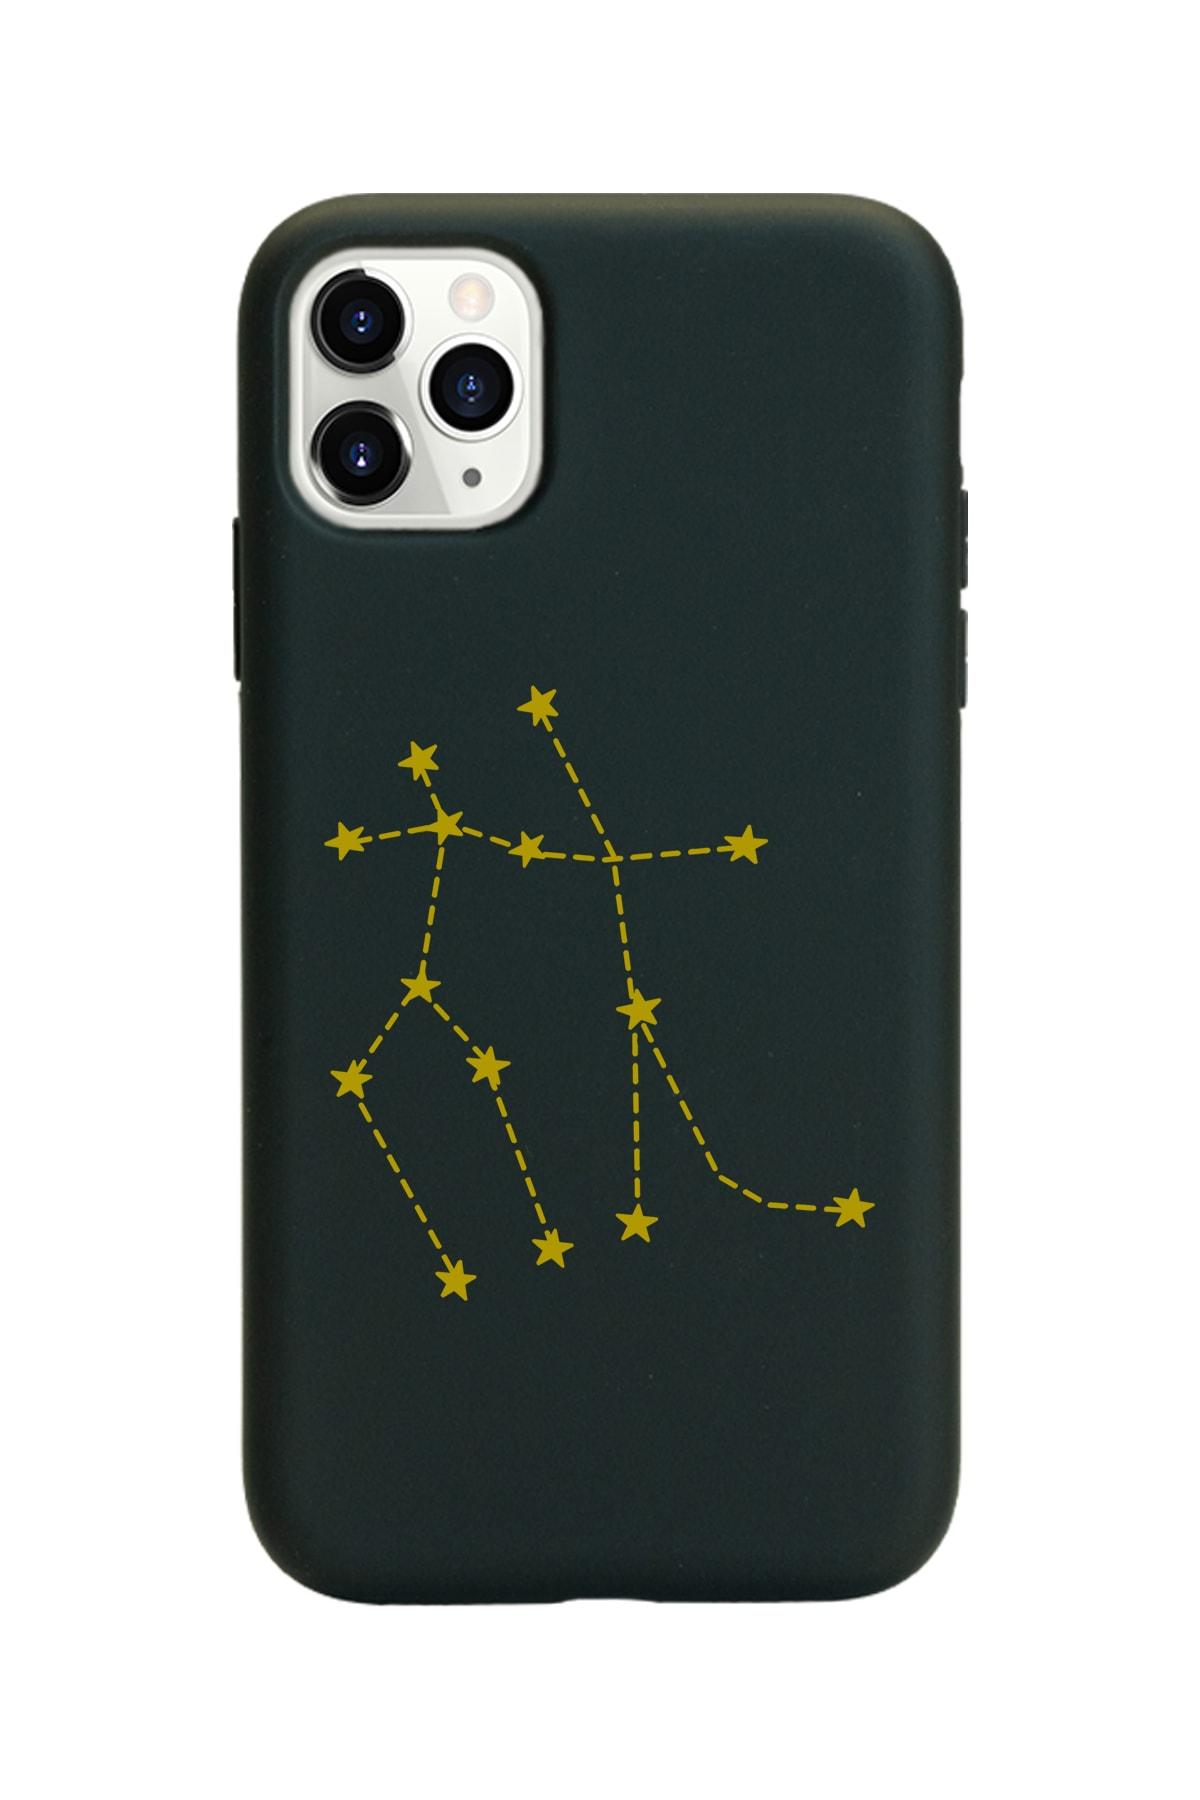 Spoyi Ikizler Burcu (gemeos) Yıldız Haritası Tasarımlı Iphone 11 Pro Max Kılıf 1